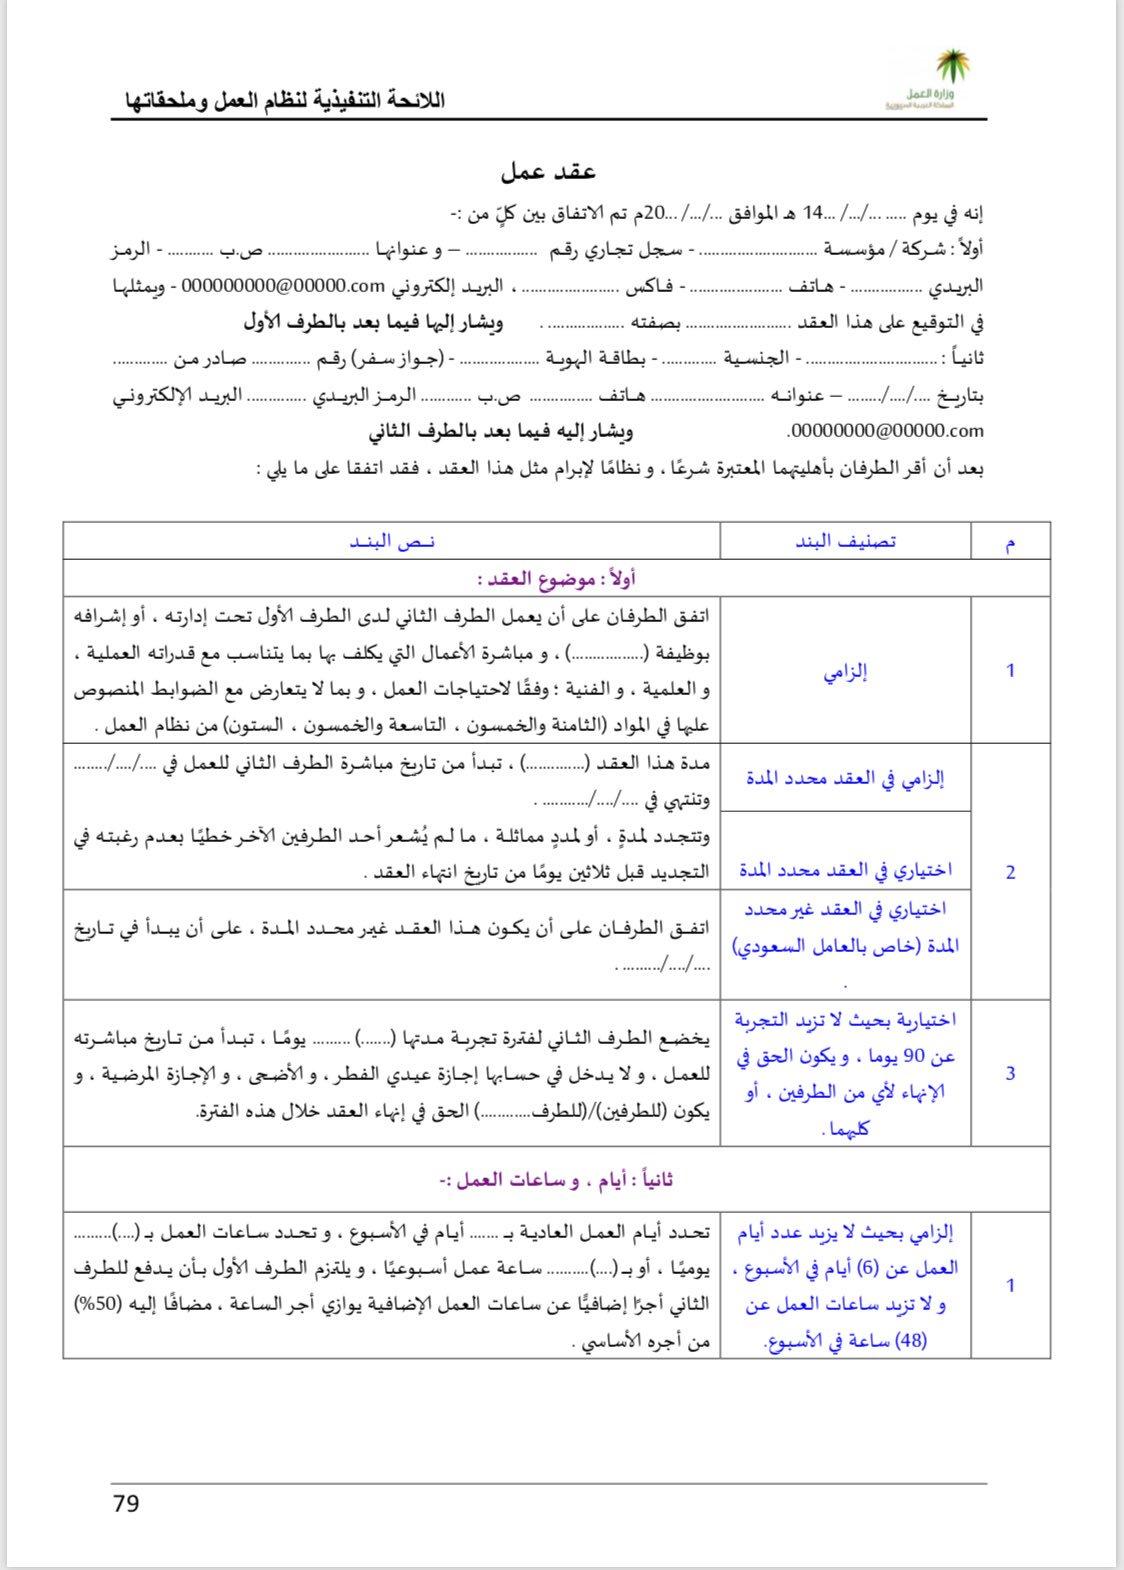 نموذج عرض عمل عربي انجليزي word